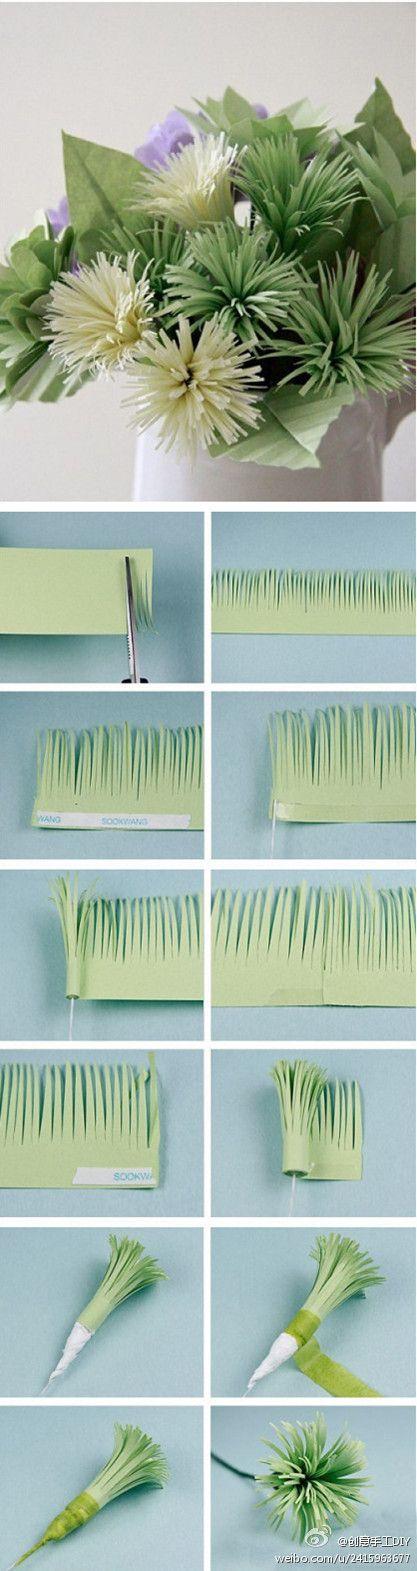 折纸 嘀咕图片